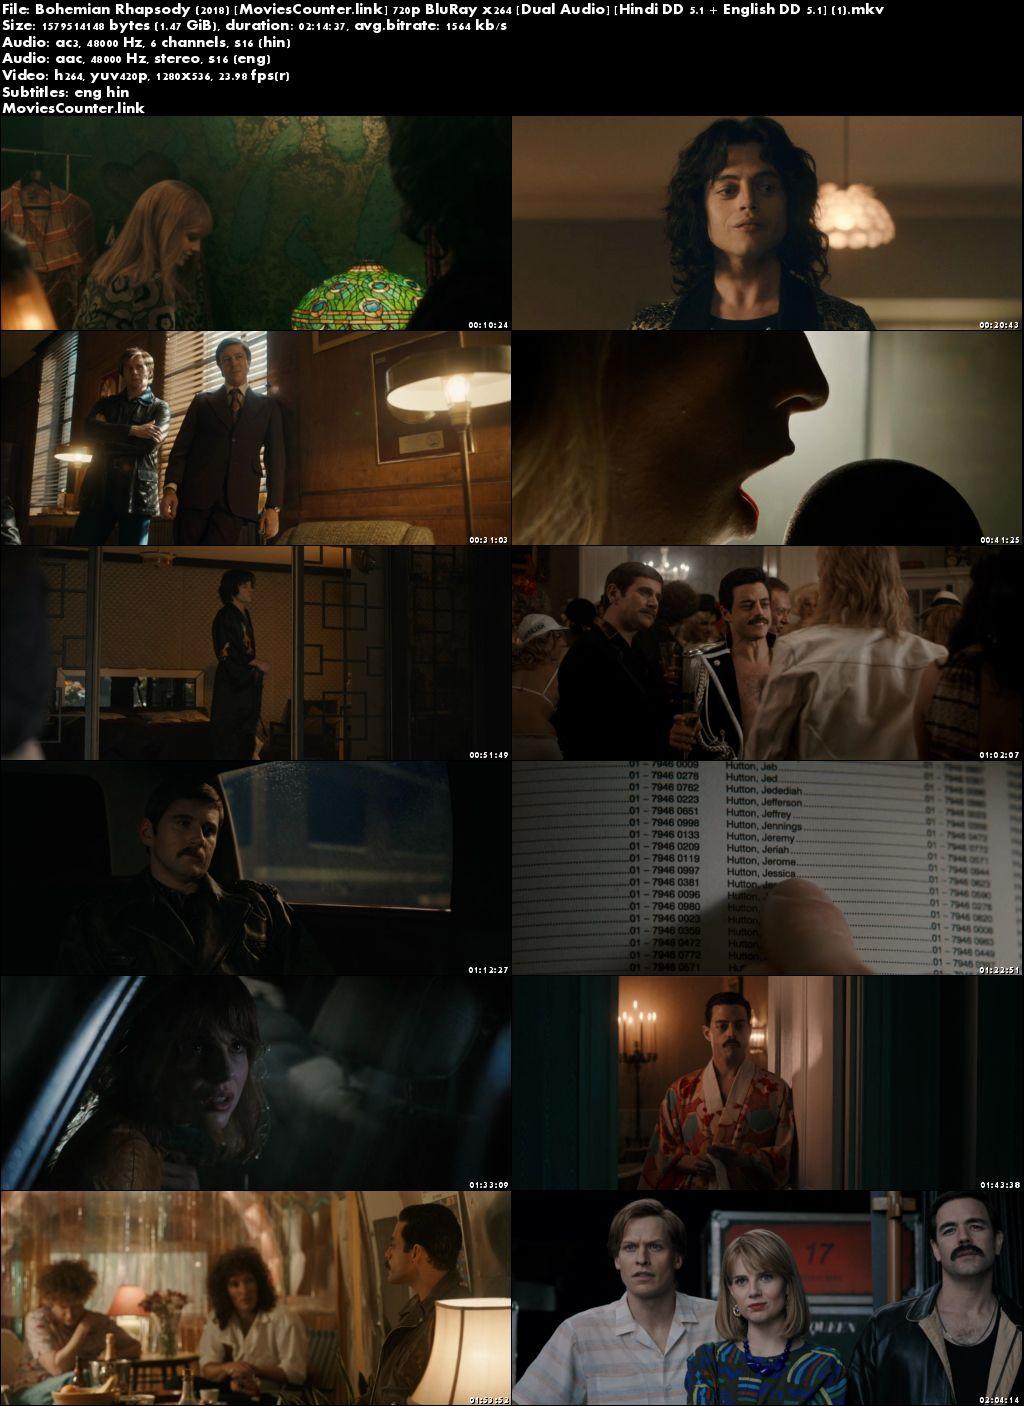 Screen Shots Bohemian Rhapsody 2018 Hindi HD 720p